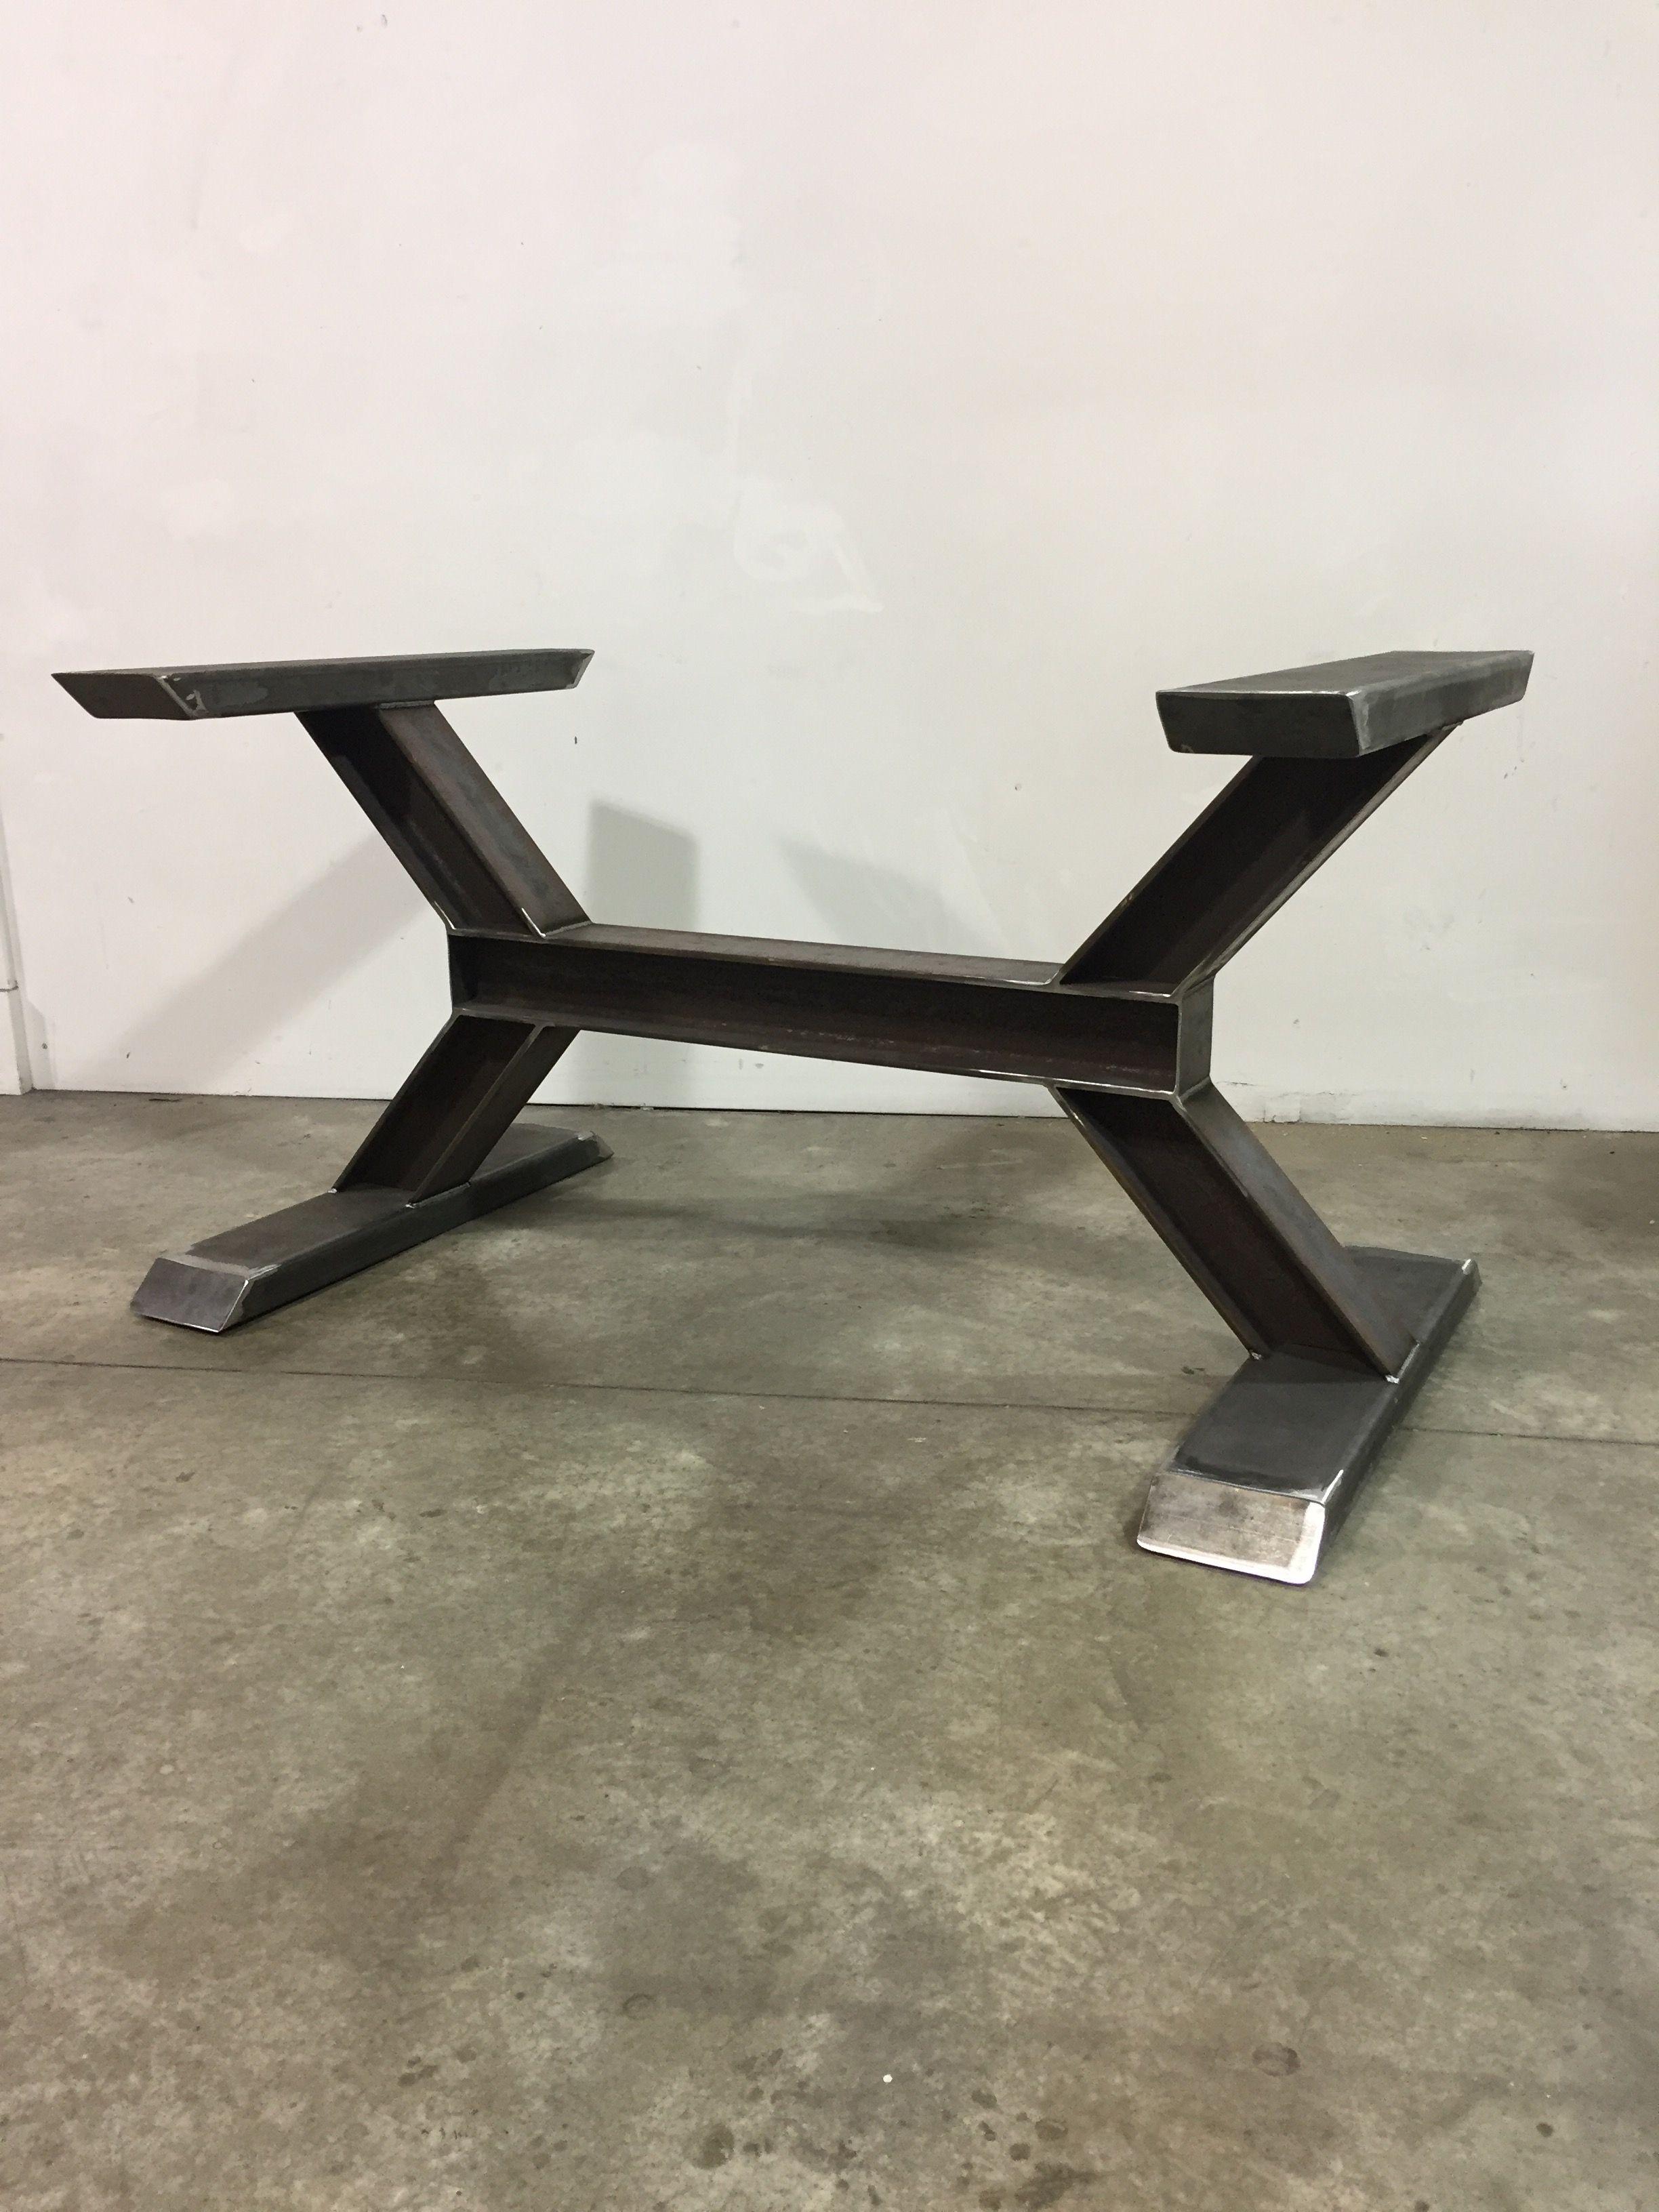 Worxx I Beam Table Base Welded Furniture Steel Furniture Steel